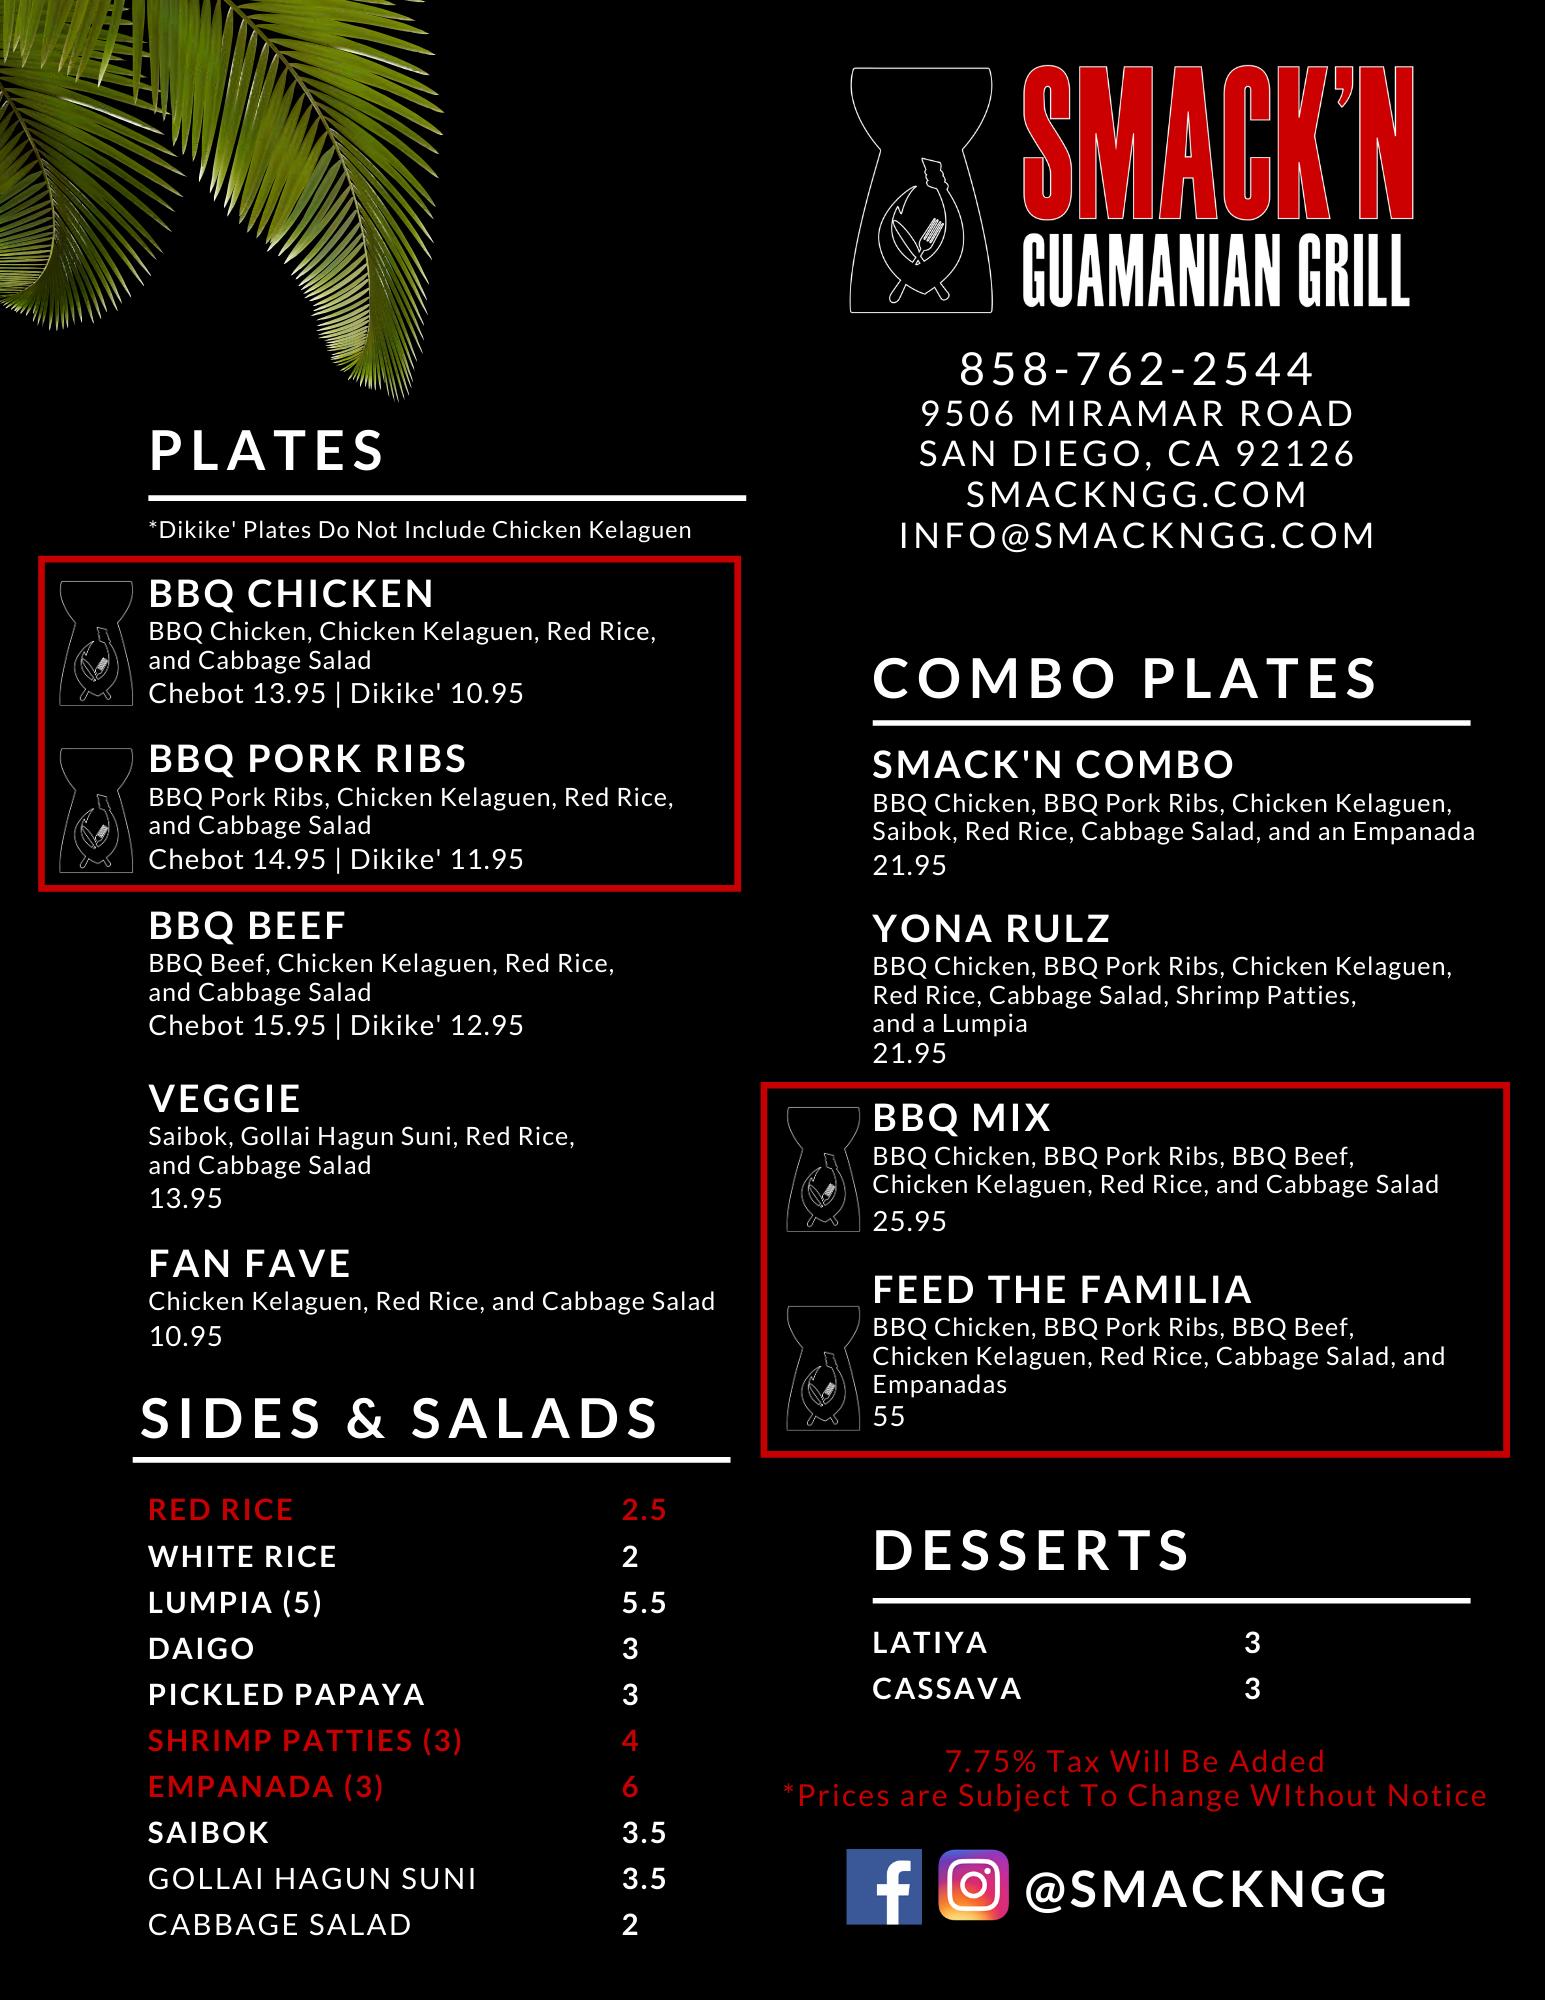 Smack'n Guamanian Grill Menu